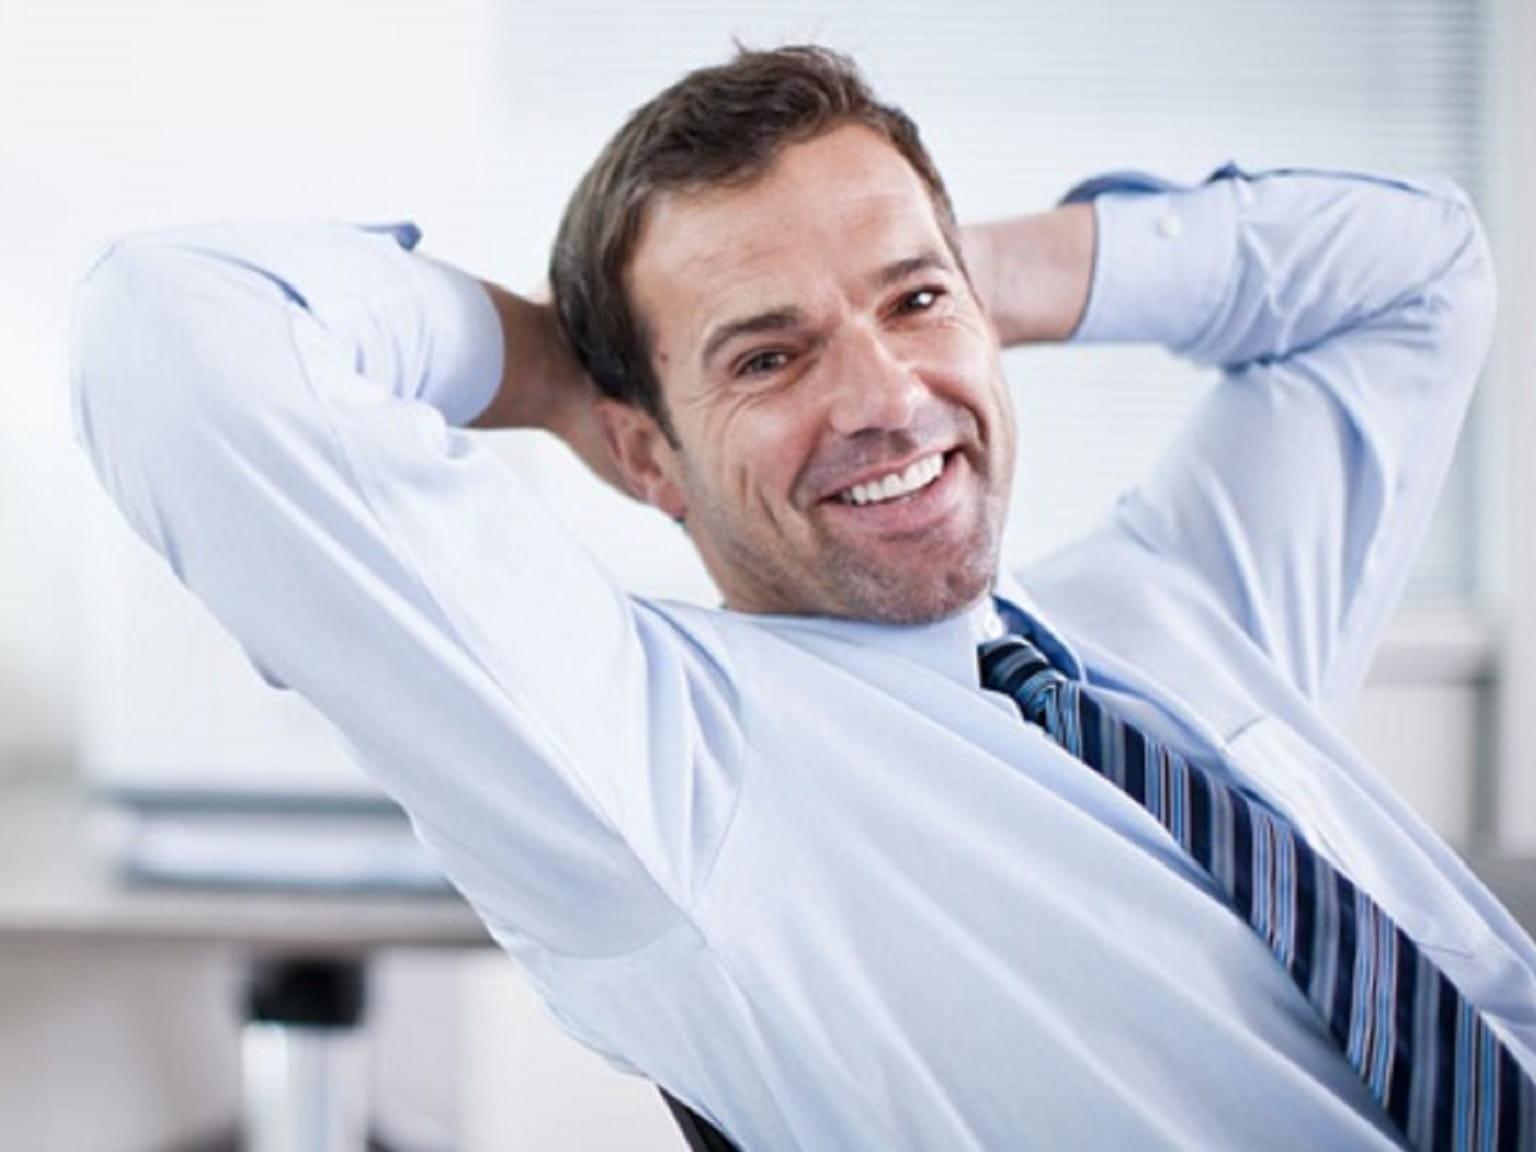 Impiegato sorridente e felice in ufficio